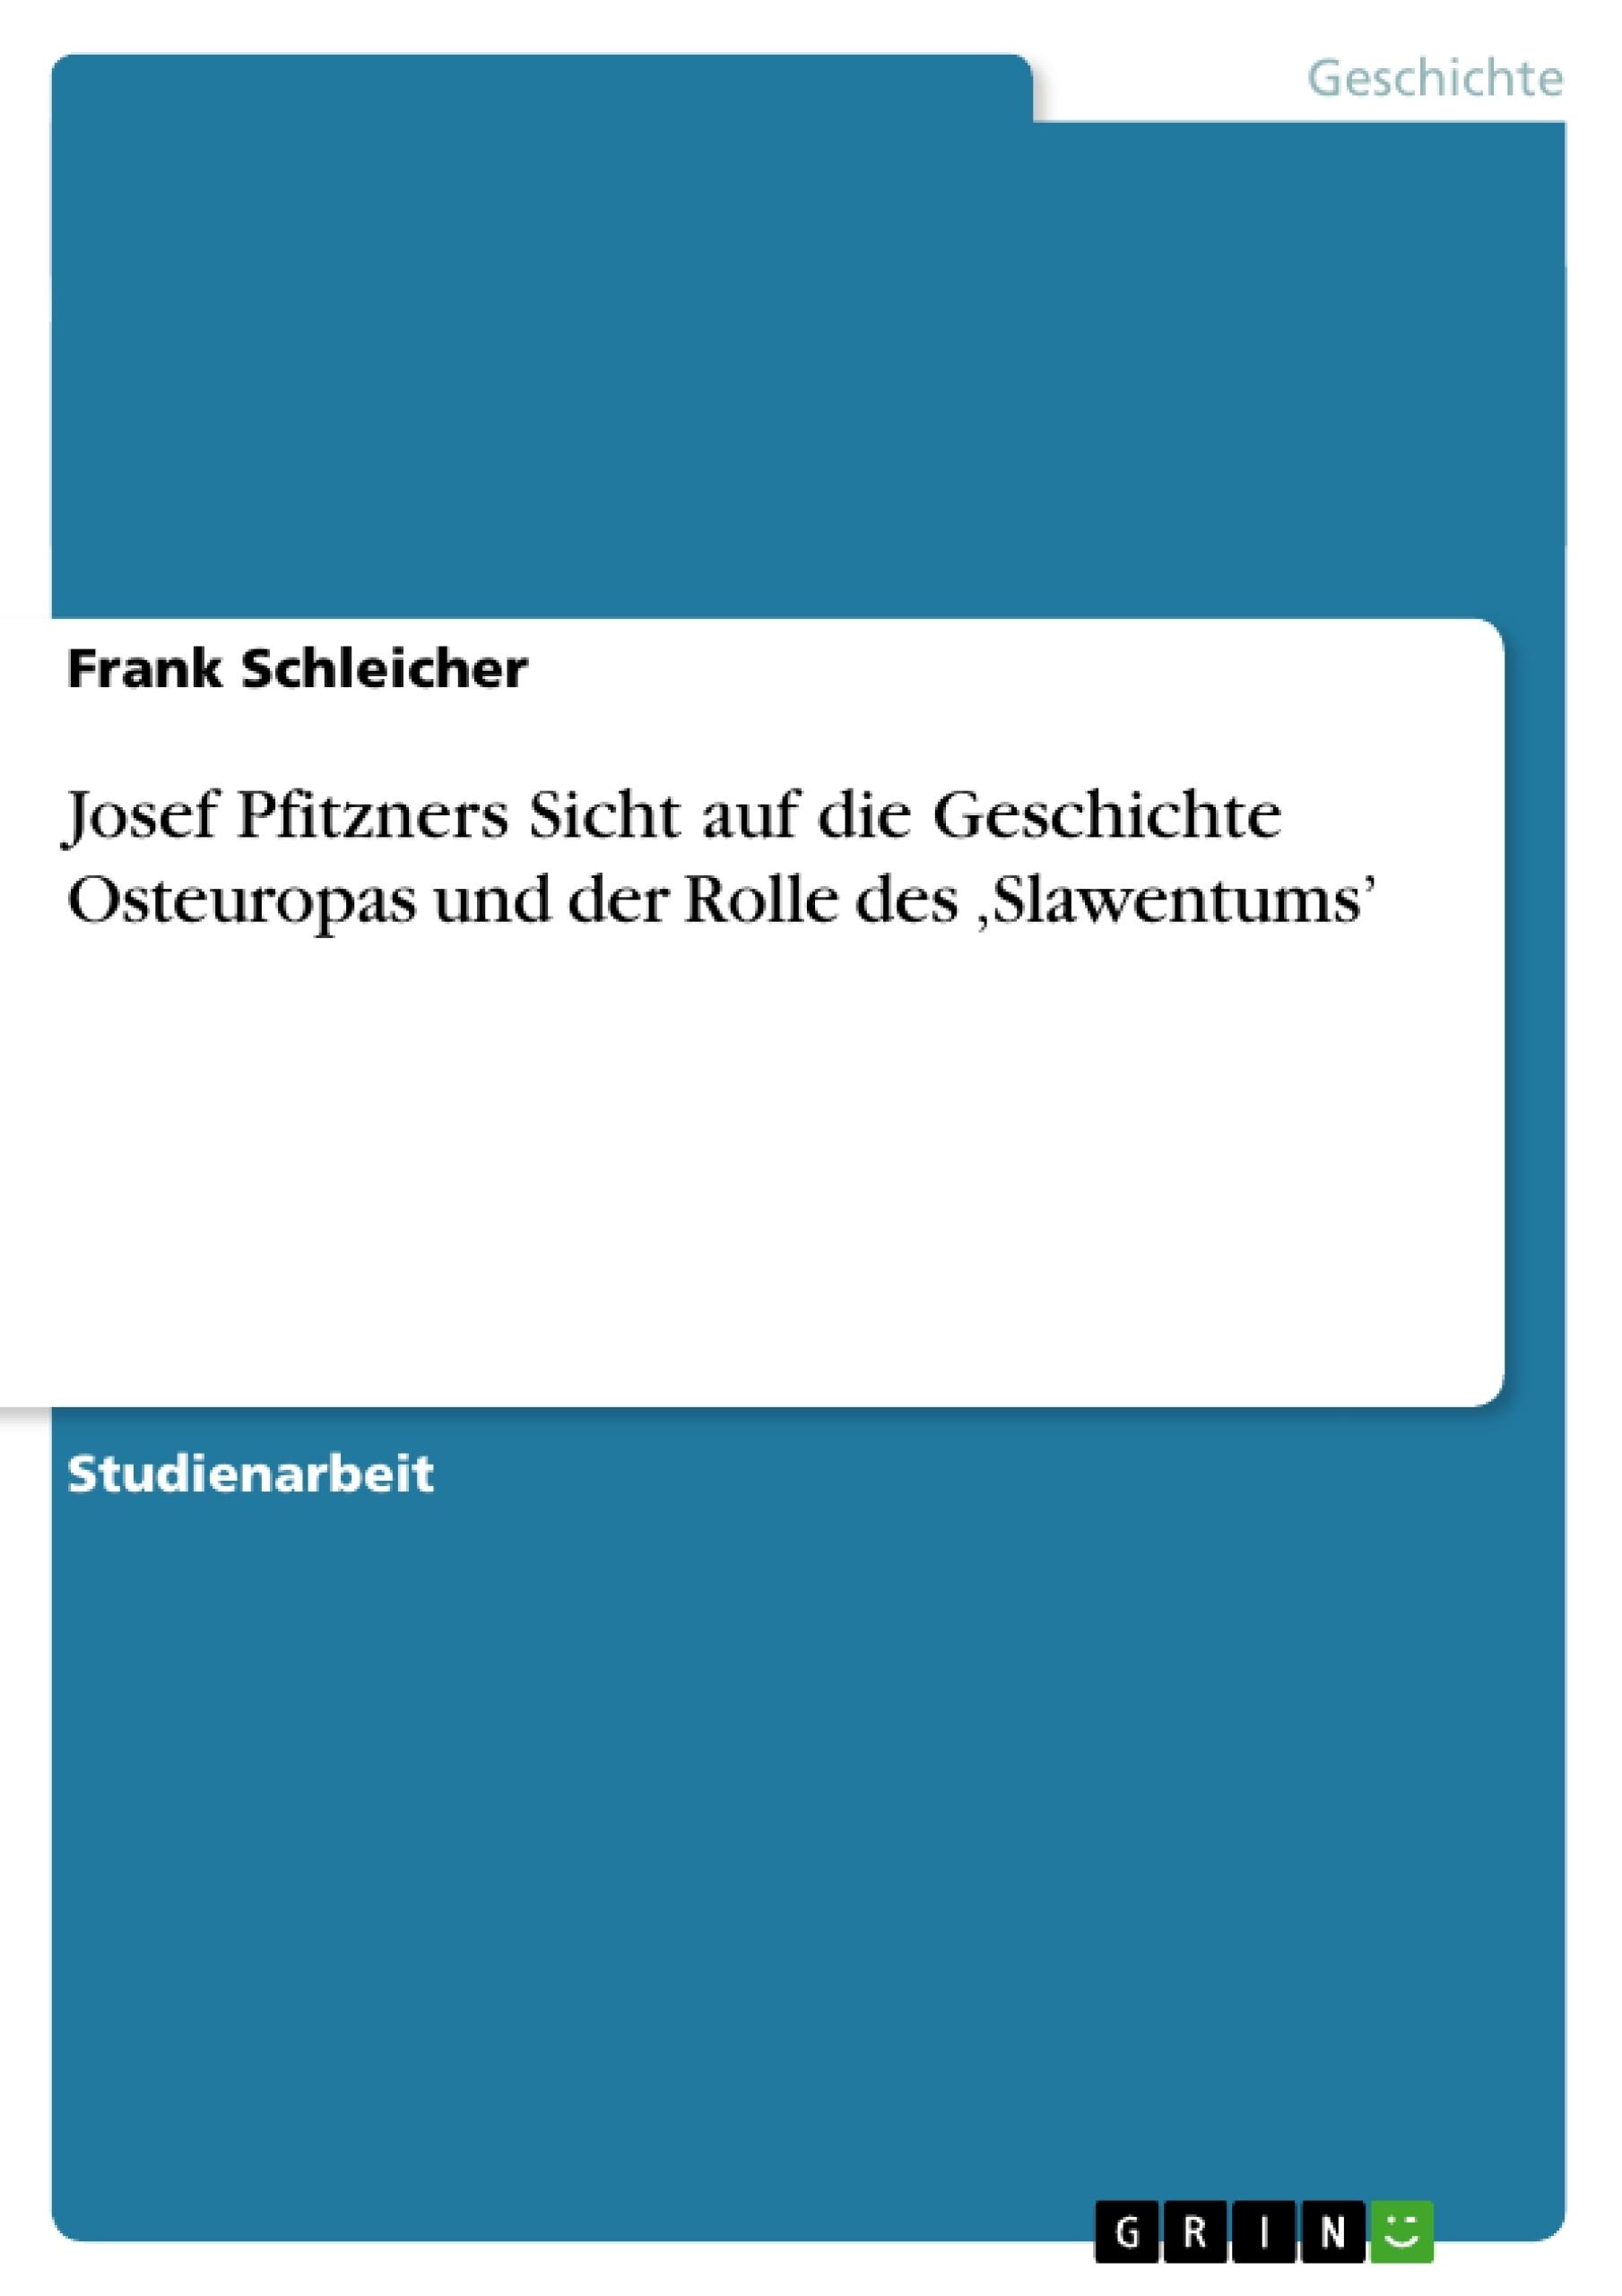 Titel: Josef Pfitzners Sicht auf die Geschichte Osteuropas und der Rolle des 'Slawentums'